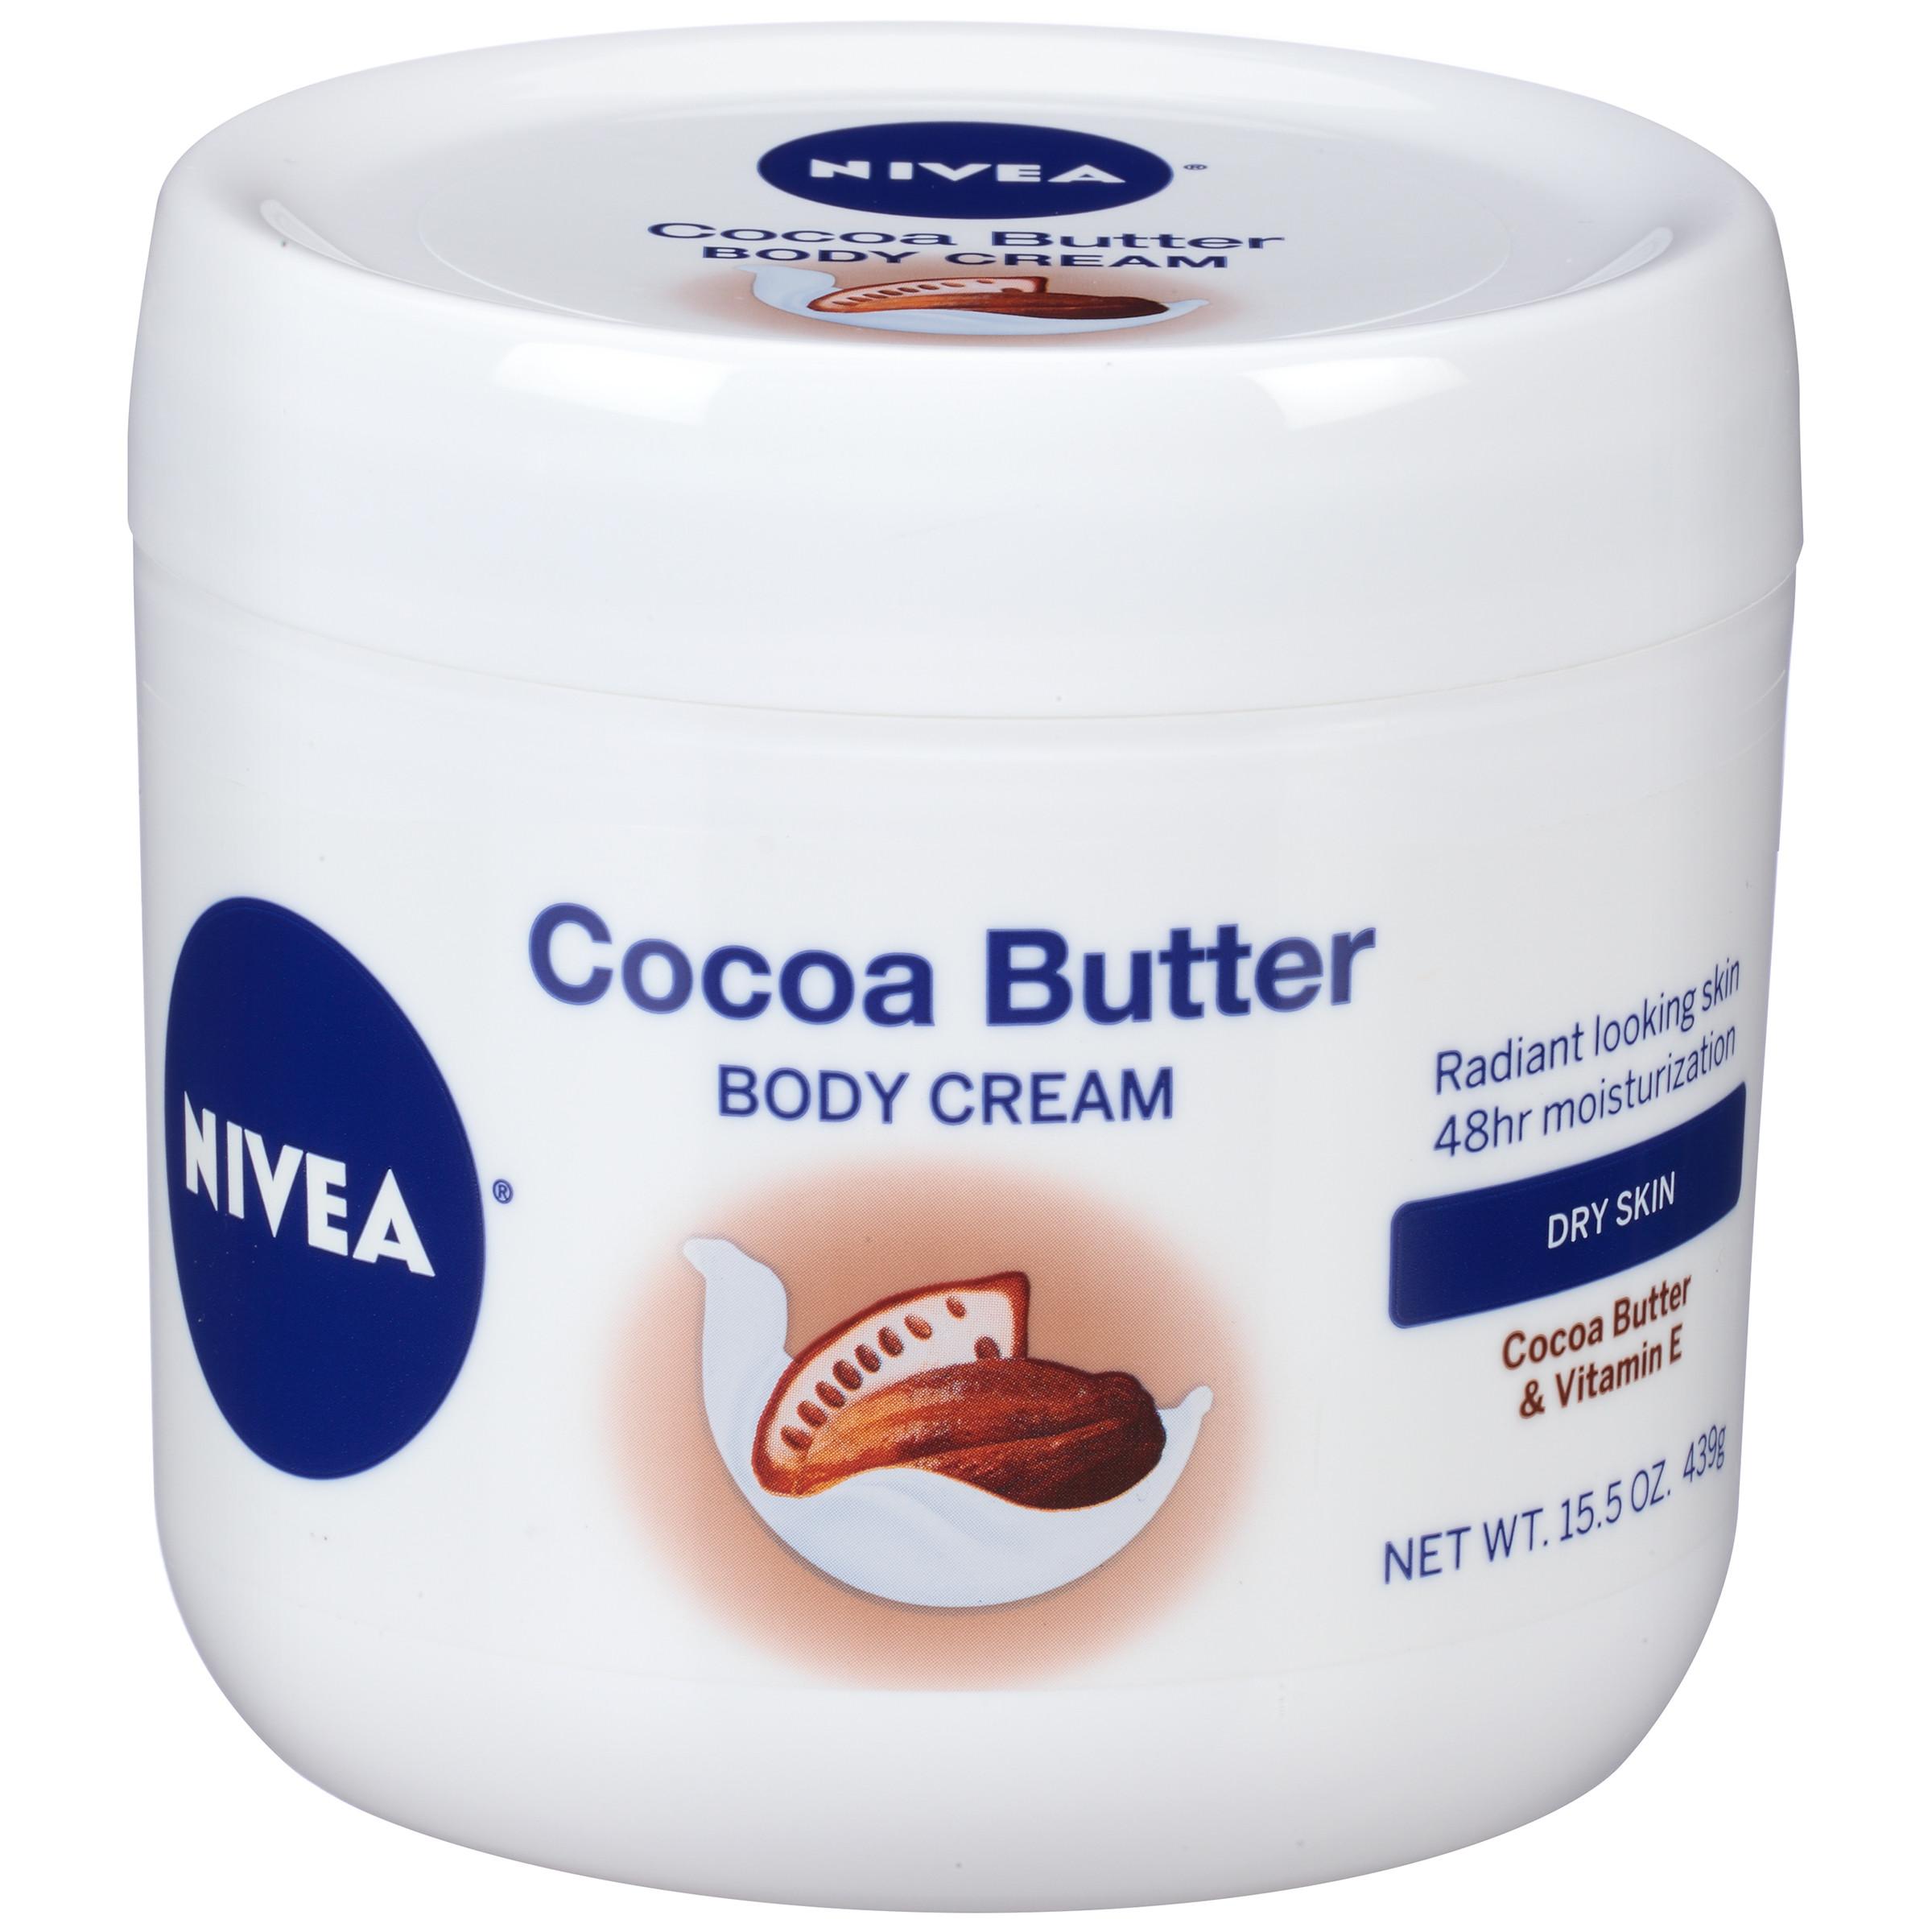 NIVEA Cocoa Butter Body Cream 15.5 oz. - Walmart.com